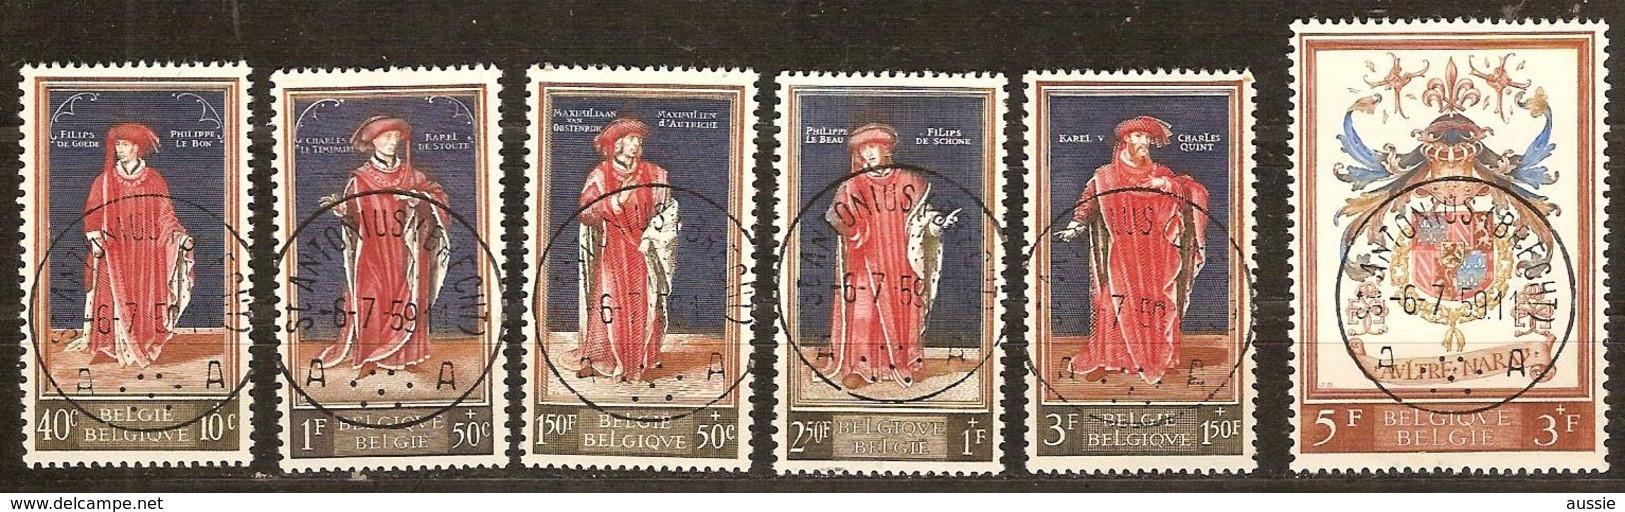 Belgie Belgique 1959 Ocbnr. 1102-1107 (°)  Oblitéré Used Cote 10,95 Euro - Usados